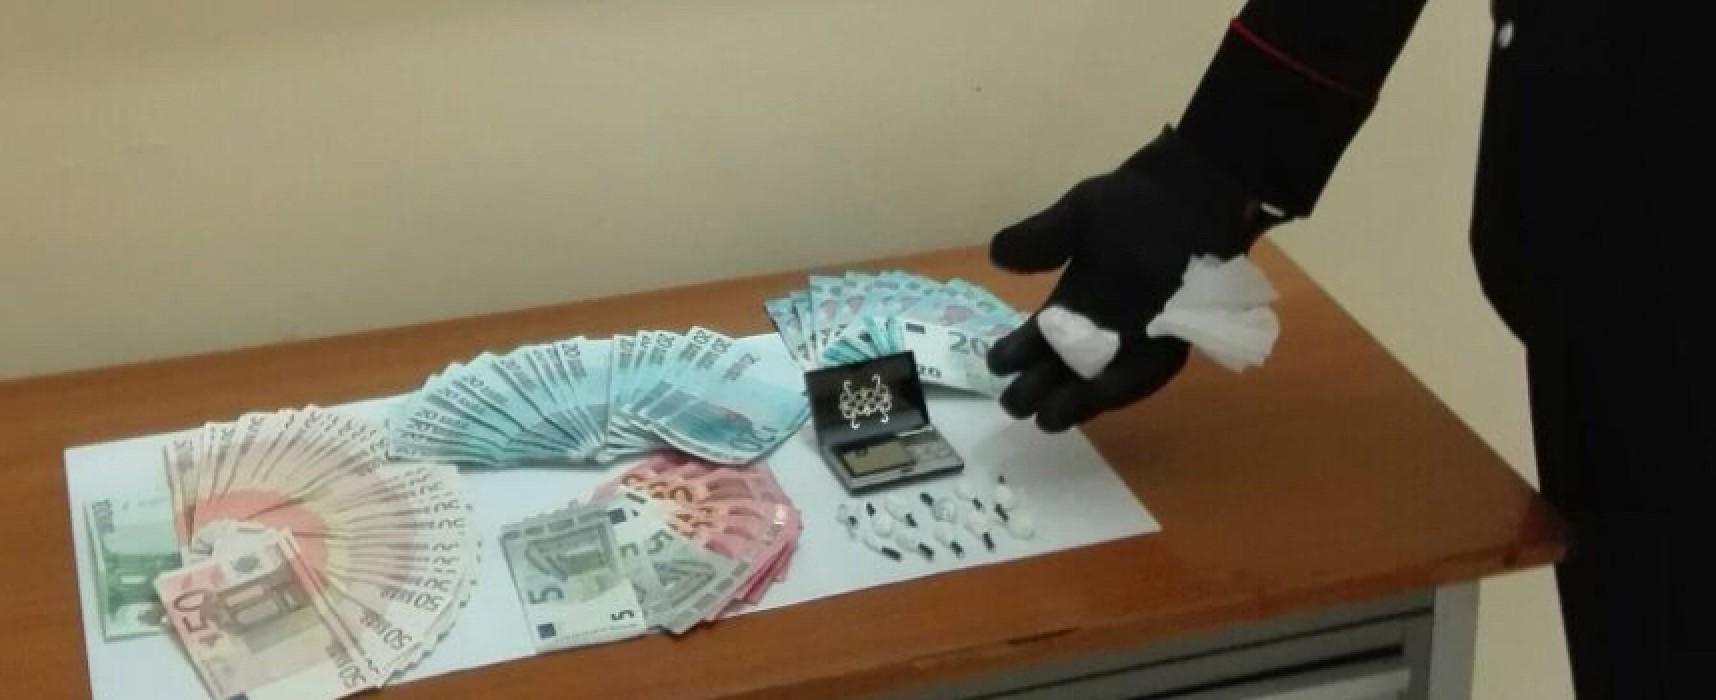 Spaccio di cocaina, 34enne biscegliese arrestato nella sua abitazione dai Carabinieri